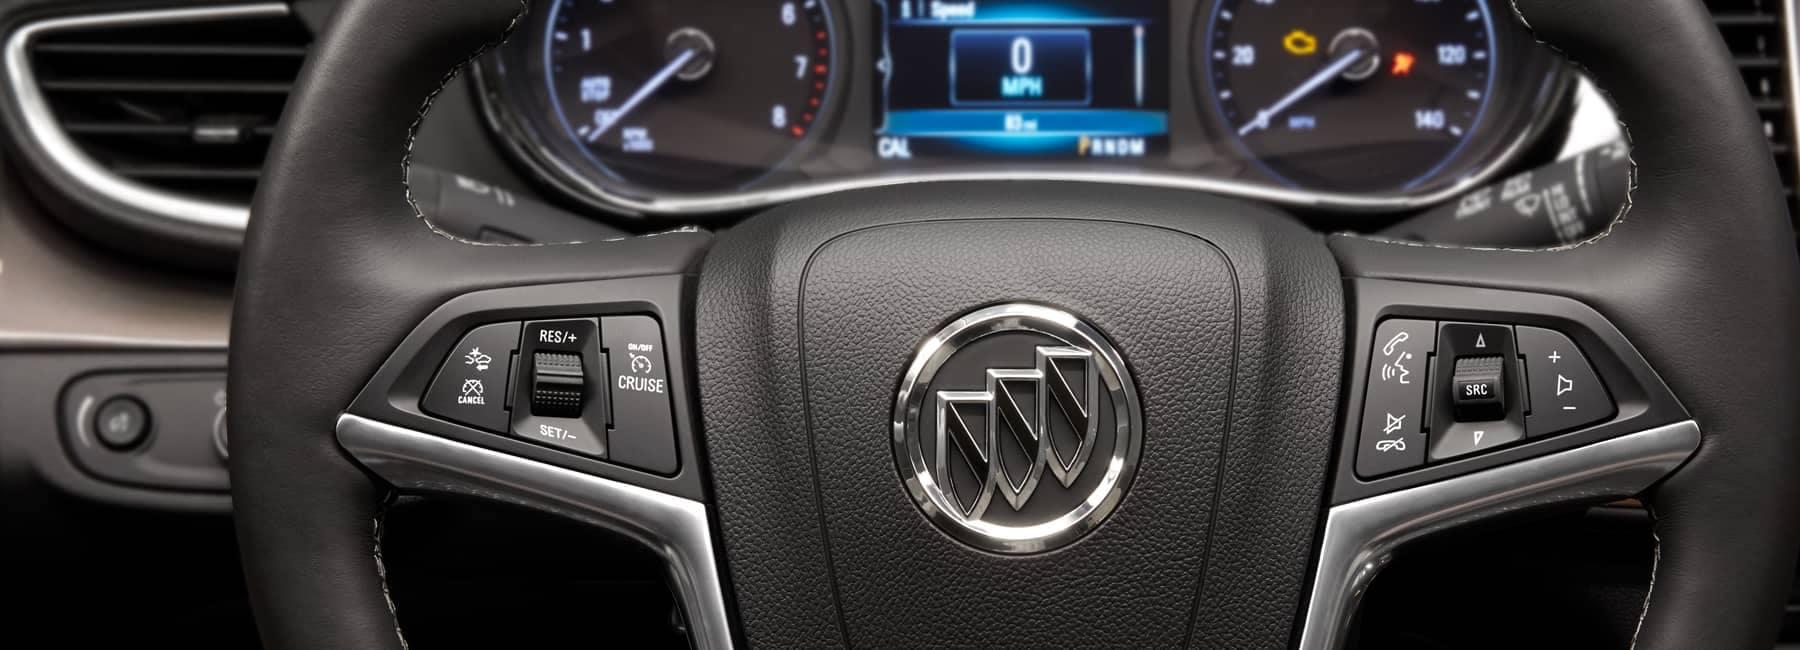 2018-Steering-Wheel